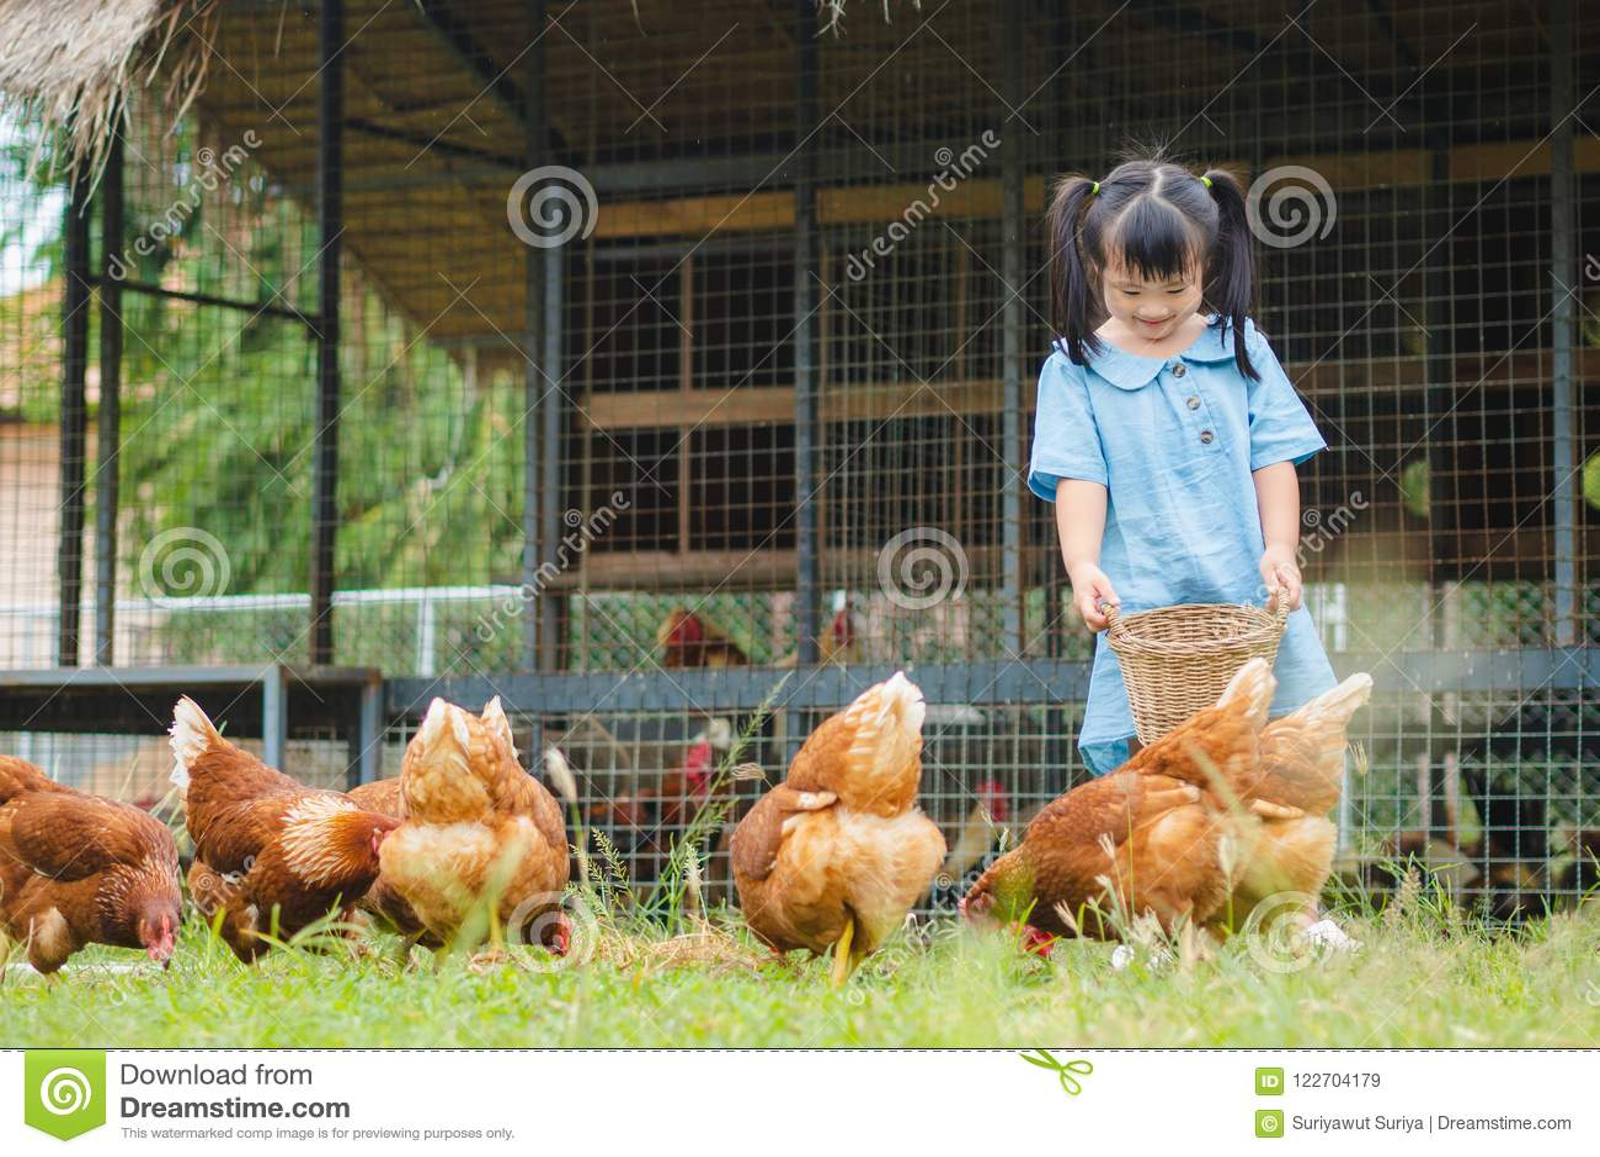 Цыплята счастливой маленькой девочки подавая в ферме Сельское хозяйство, любимчик, Ha